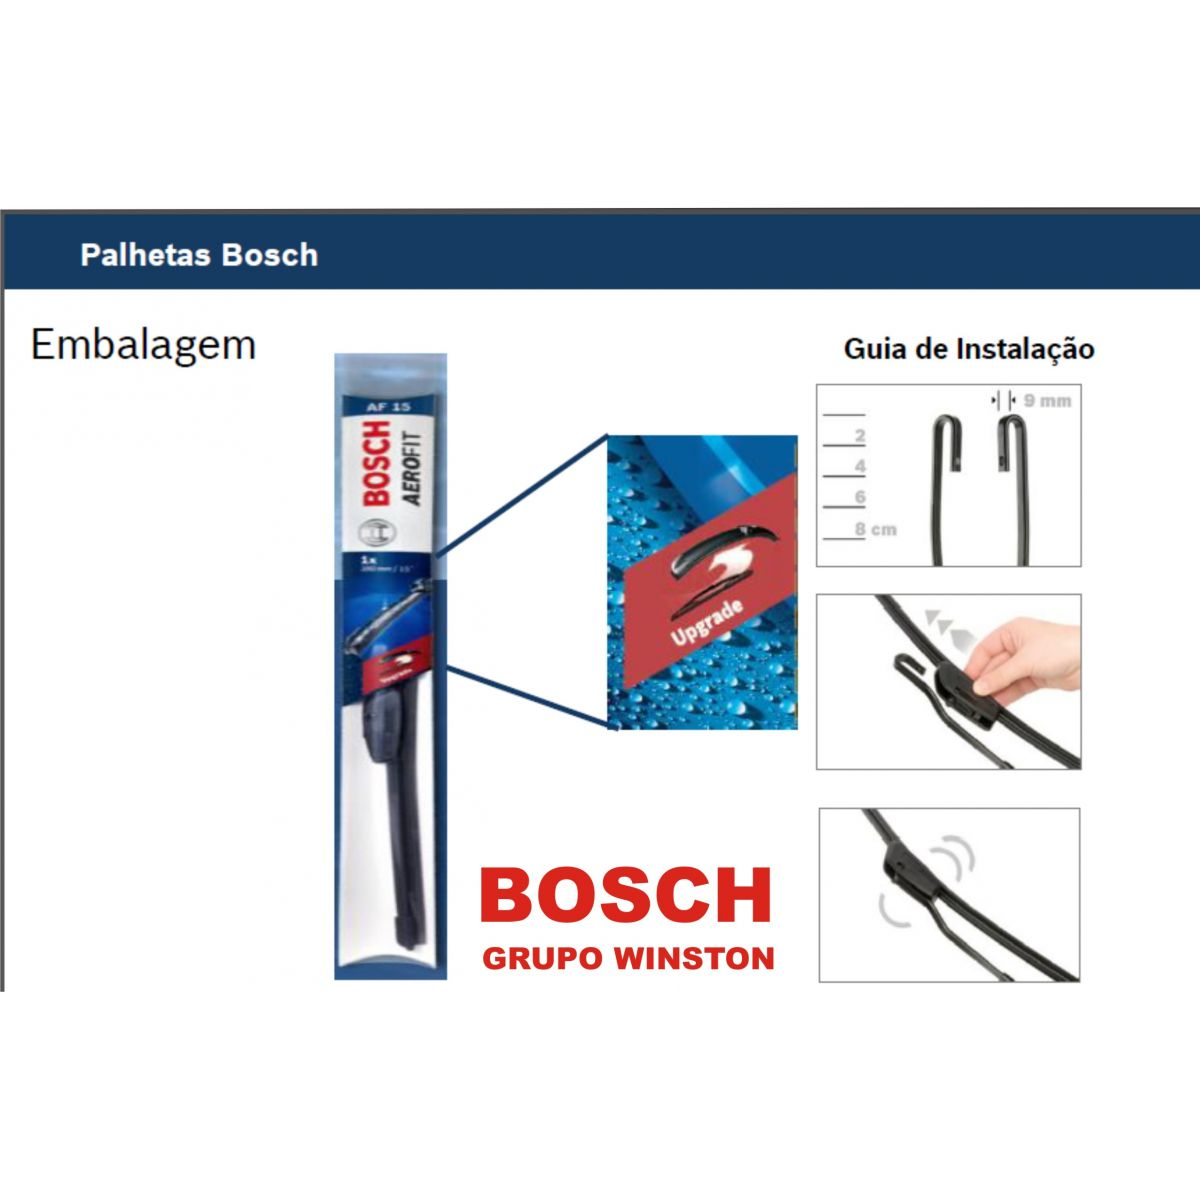 Palheta Bosch Aerofit Limpador de para brisa Bosch HYUNDAI Azera Sonata Veloster 2011 em diante